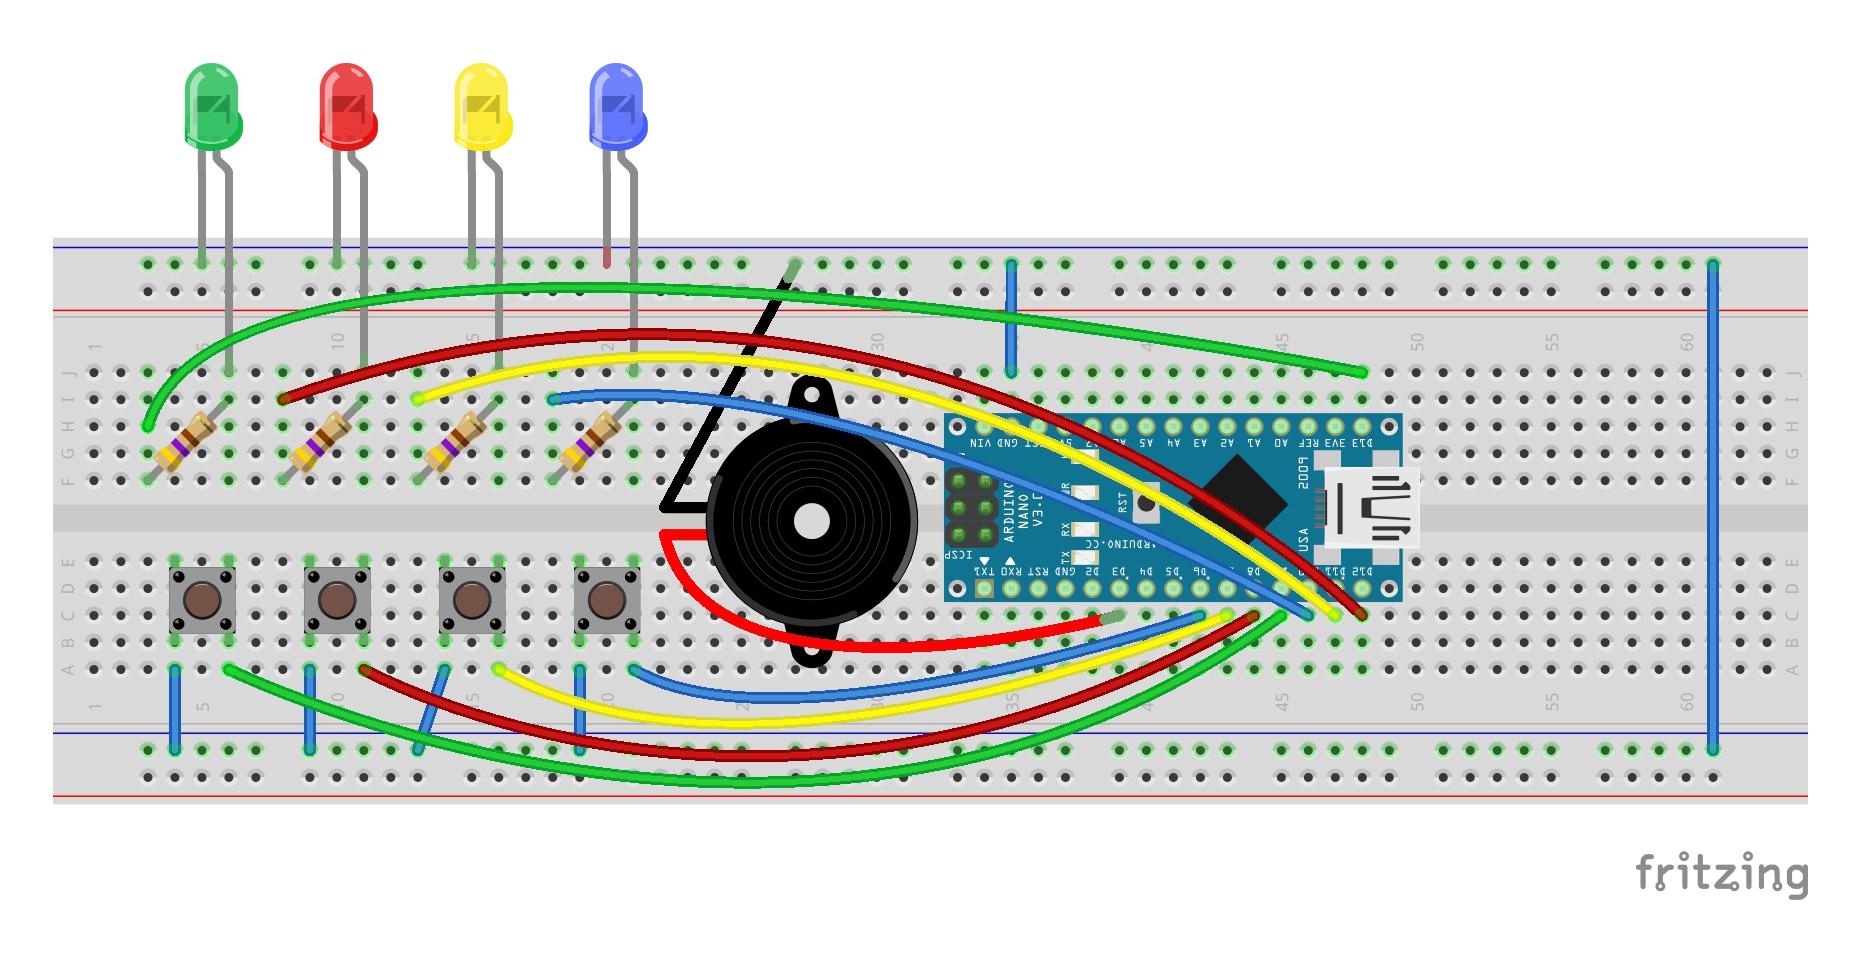 simon says arduino circuit